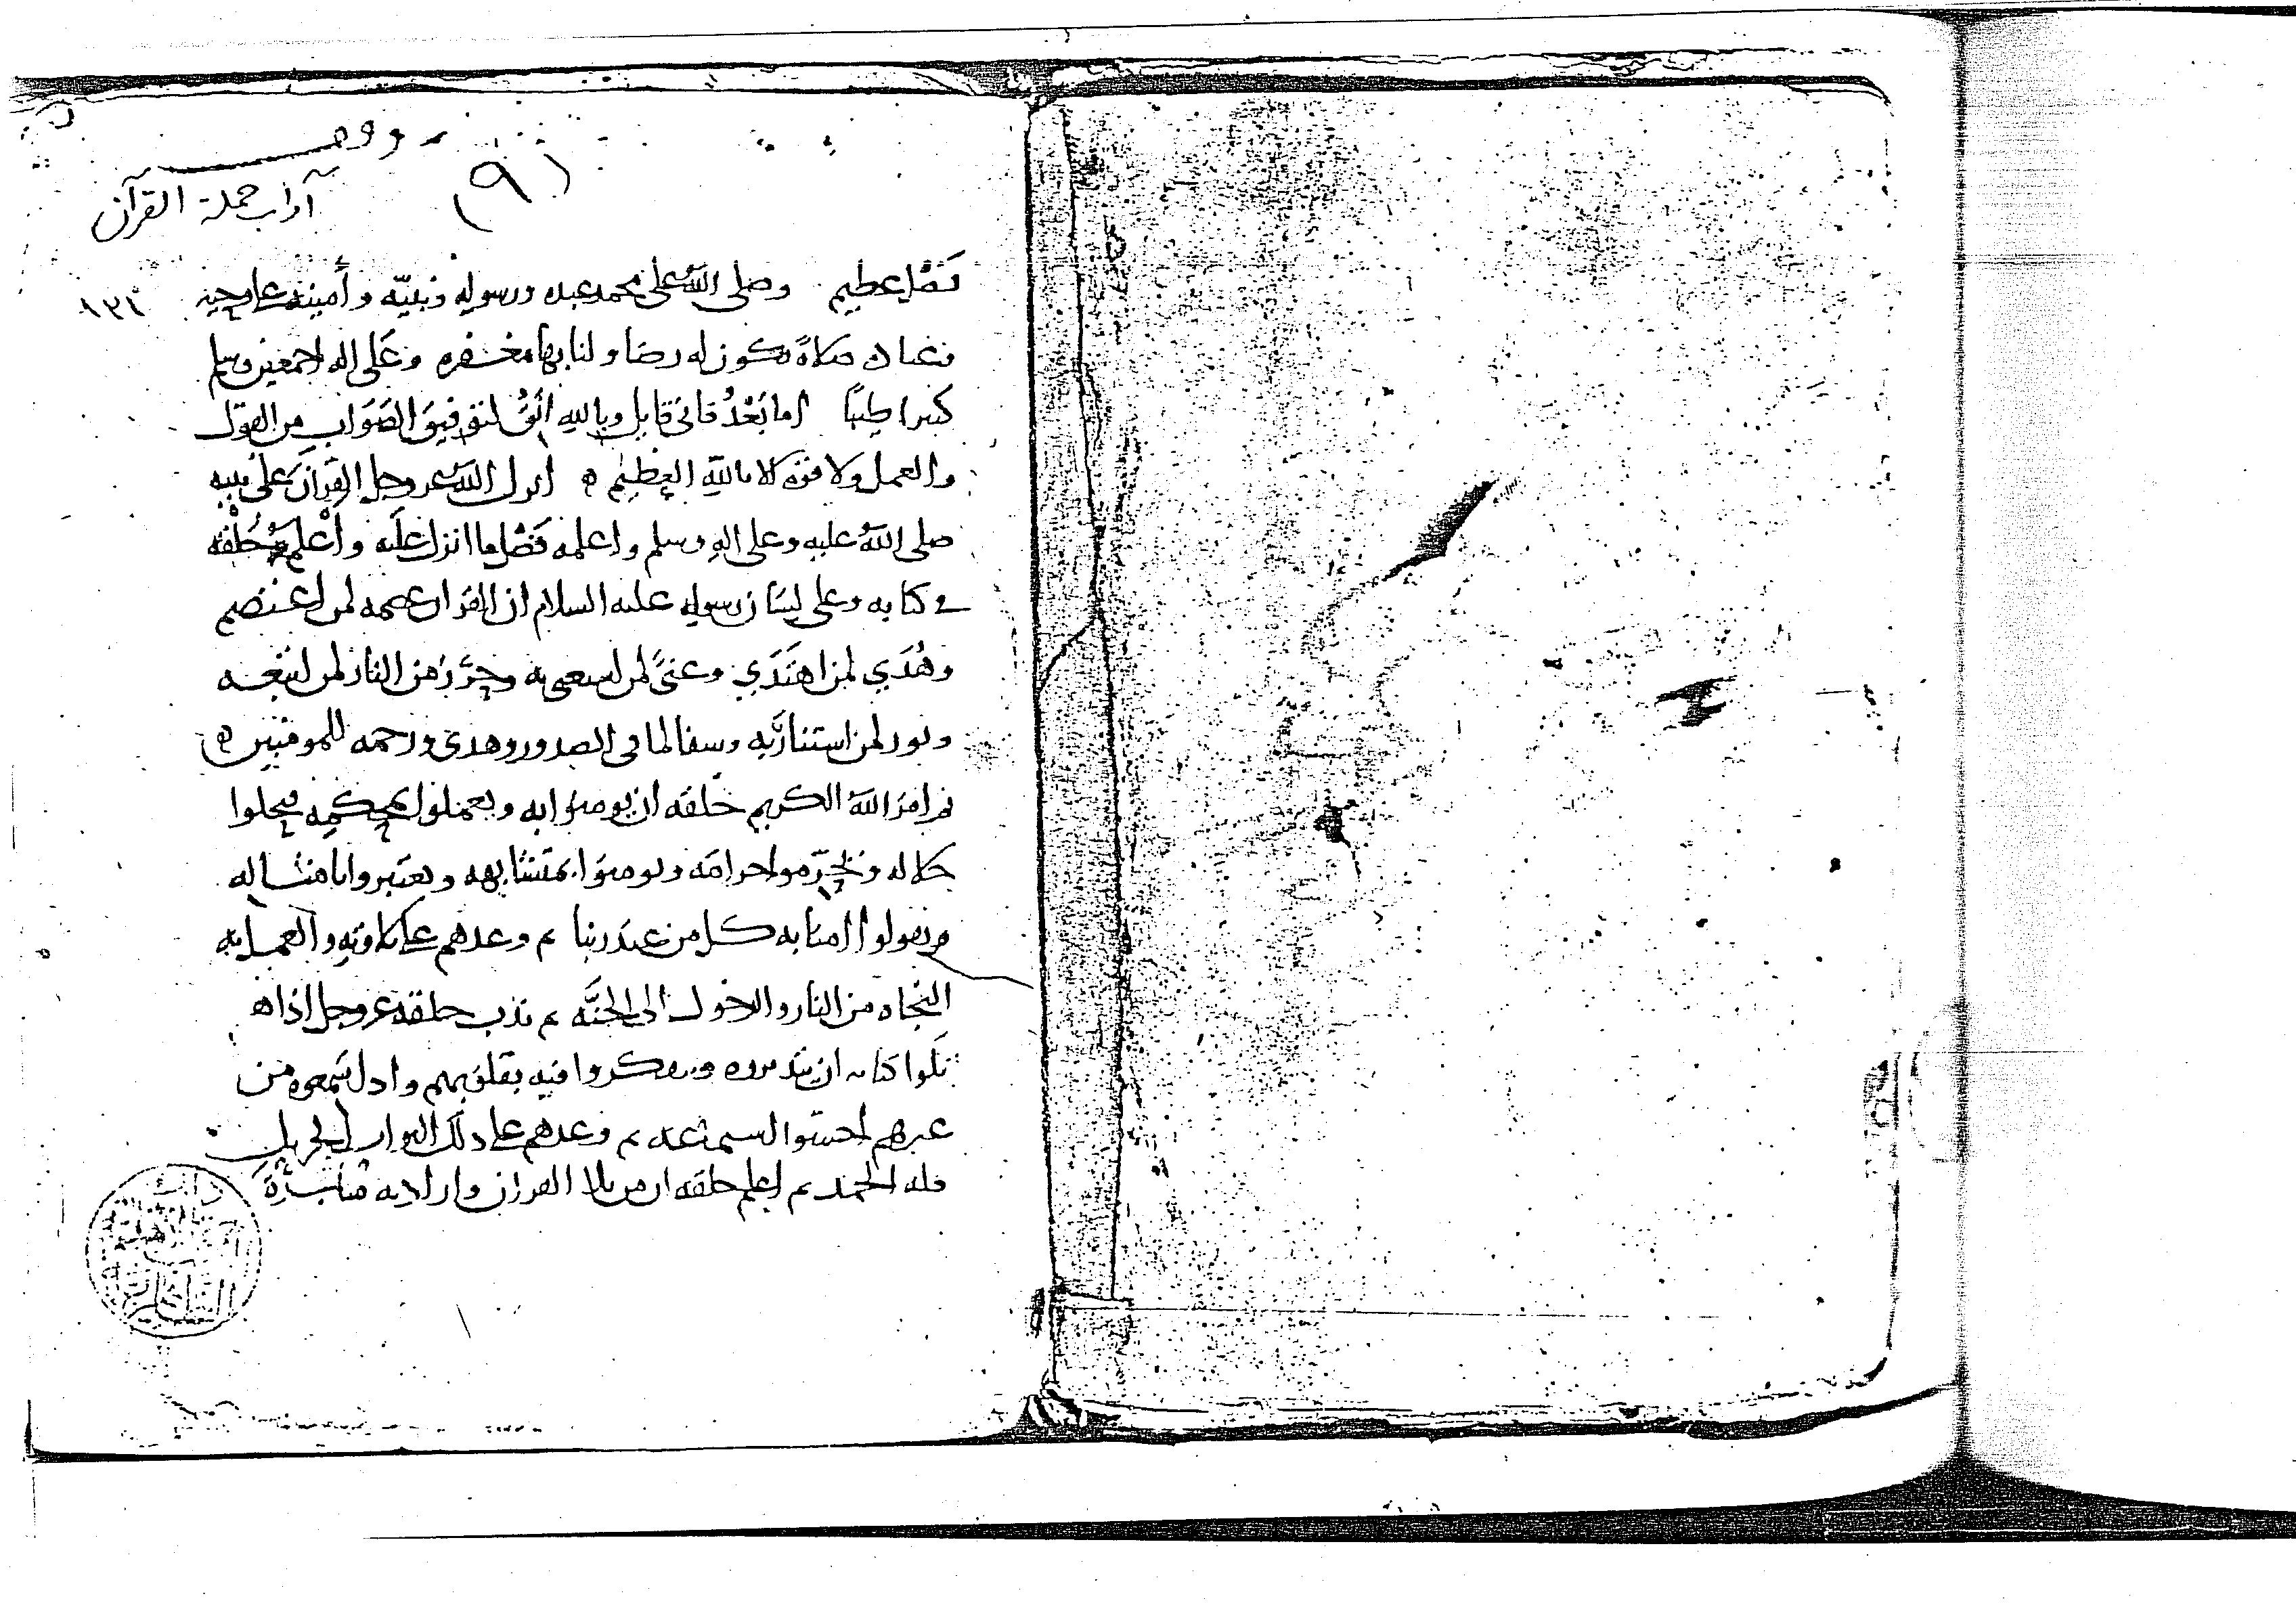 تحميل كتاب آداب حملة القرآن (نسخة ثانية) لـِ: الإمام أبو بكر محمد بن الحسين بن عبد الله الآجري البغدادي (ت 360)